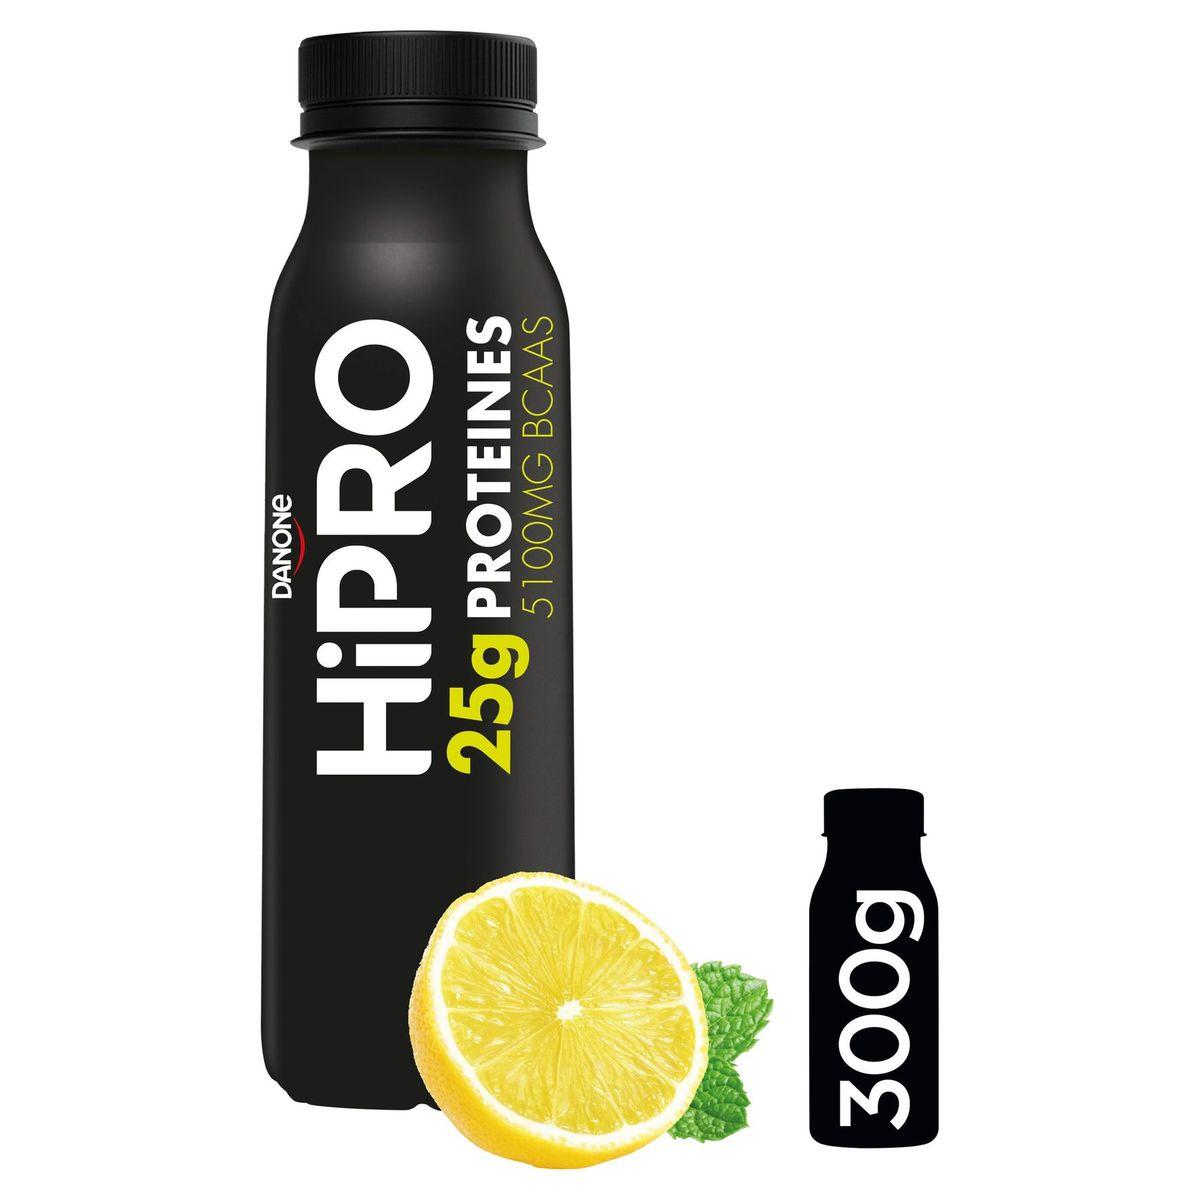 HiPRO à Boire Saveur Citron-Saveur Menthe avec 25 g de Protéines 300 g